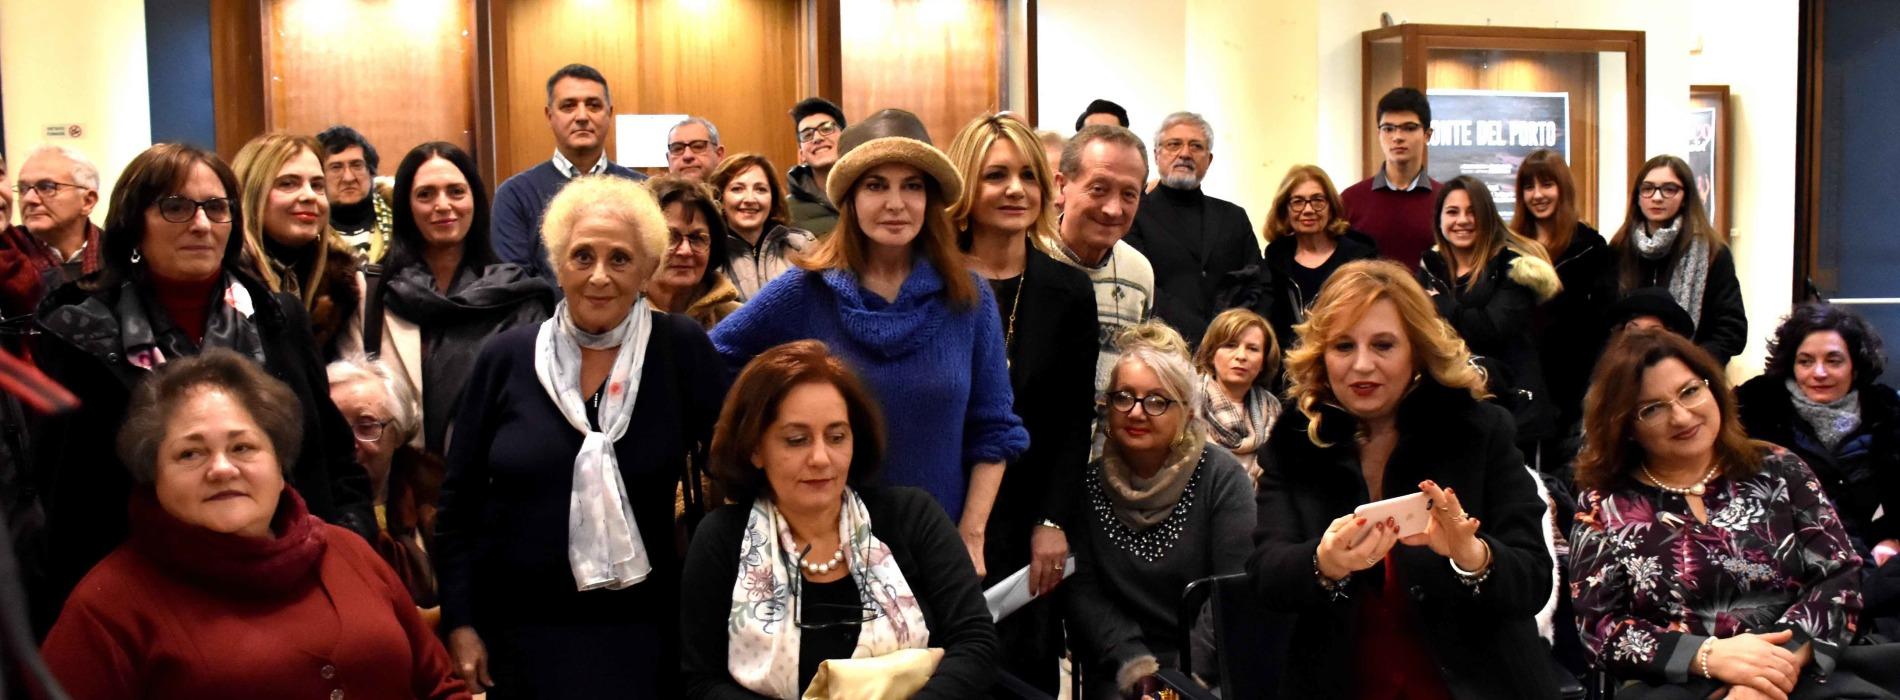 Le Signorine, al Salotto a Teatro Isa Danieli e Giuliana De Sio